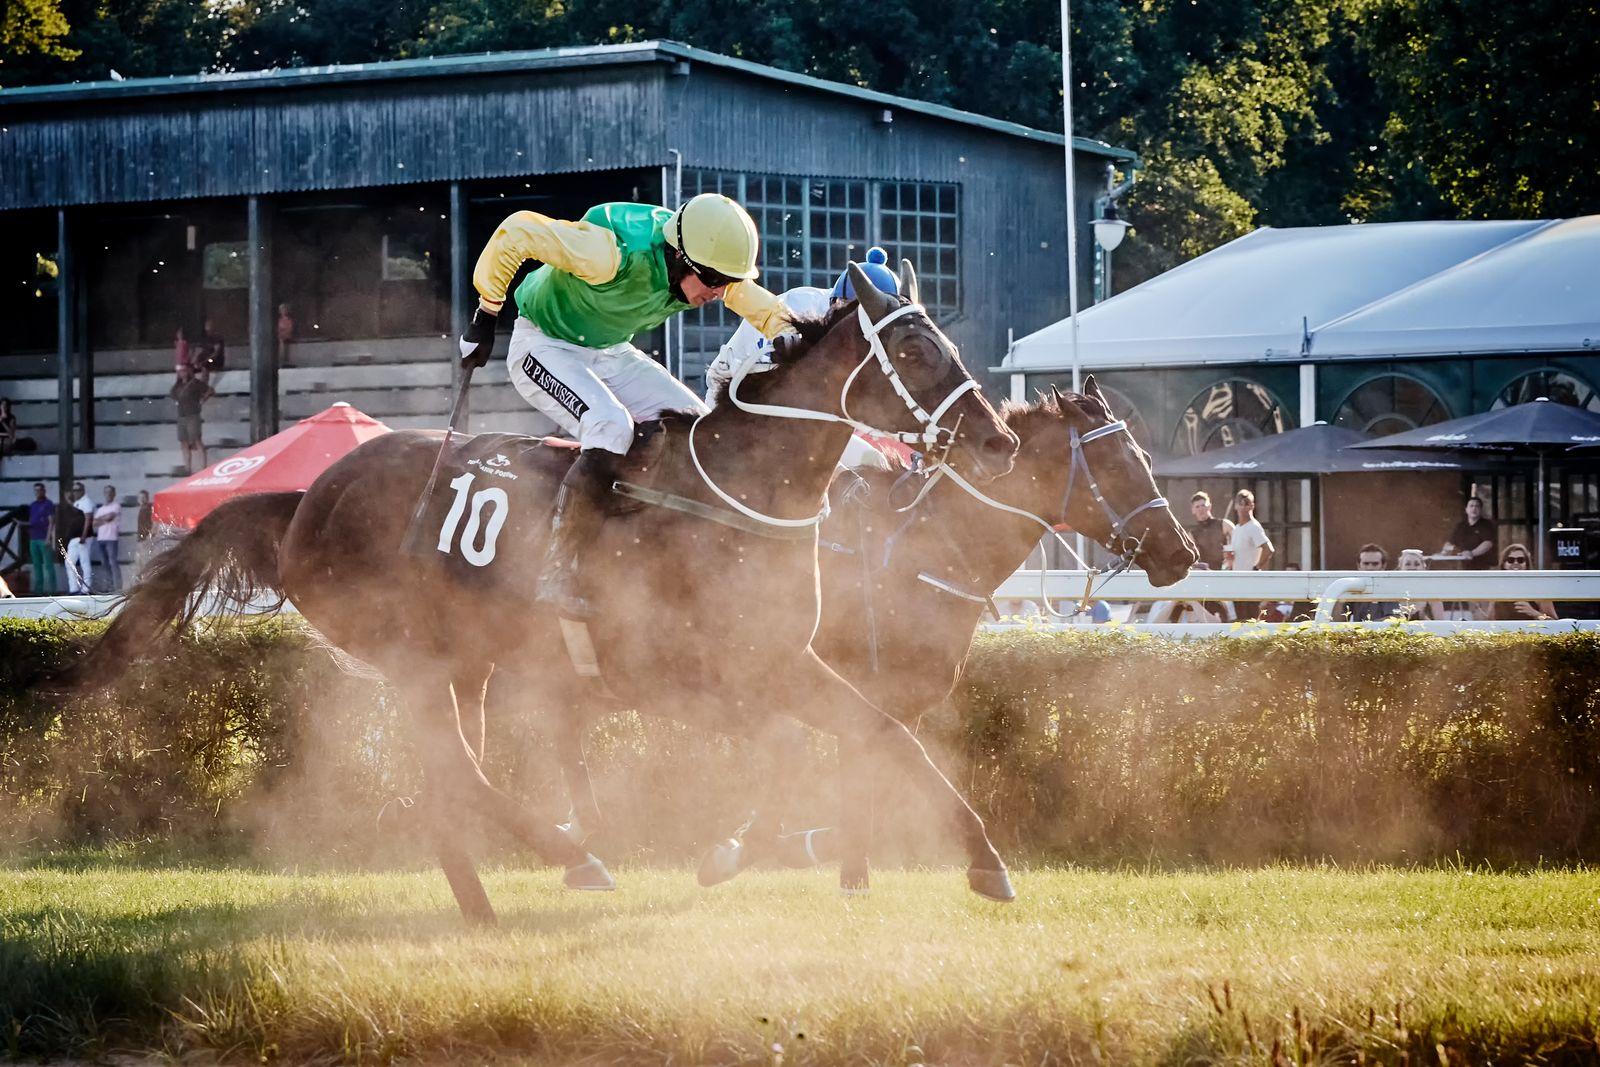 Świat dyskutuje ozakazie używania bata nawyścigach konnych